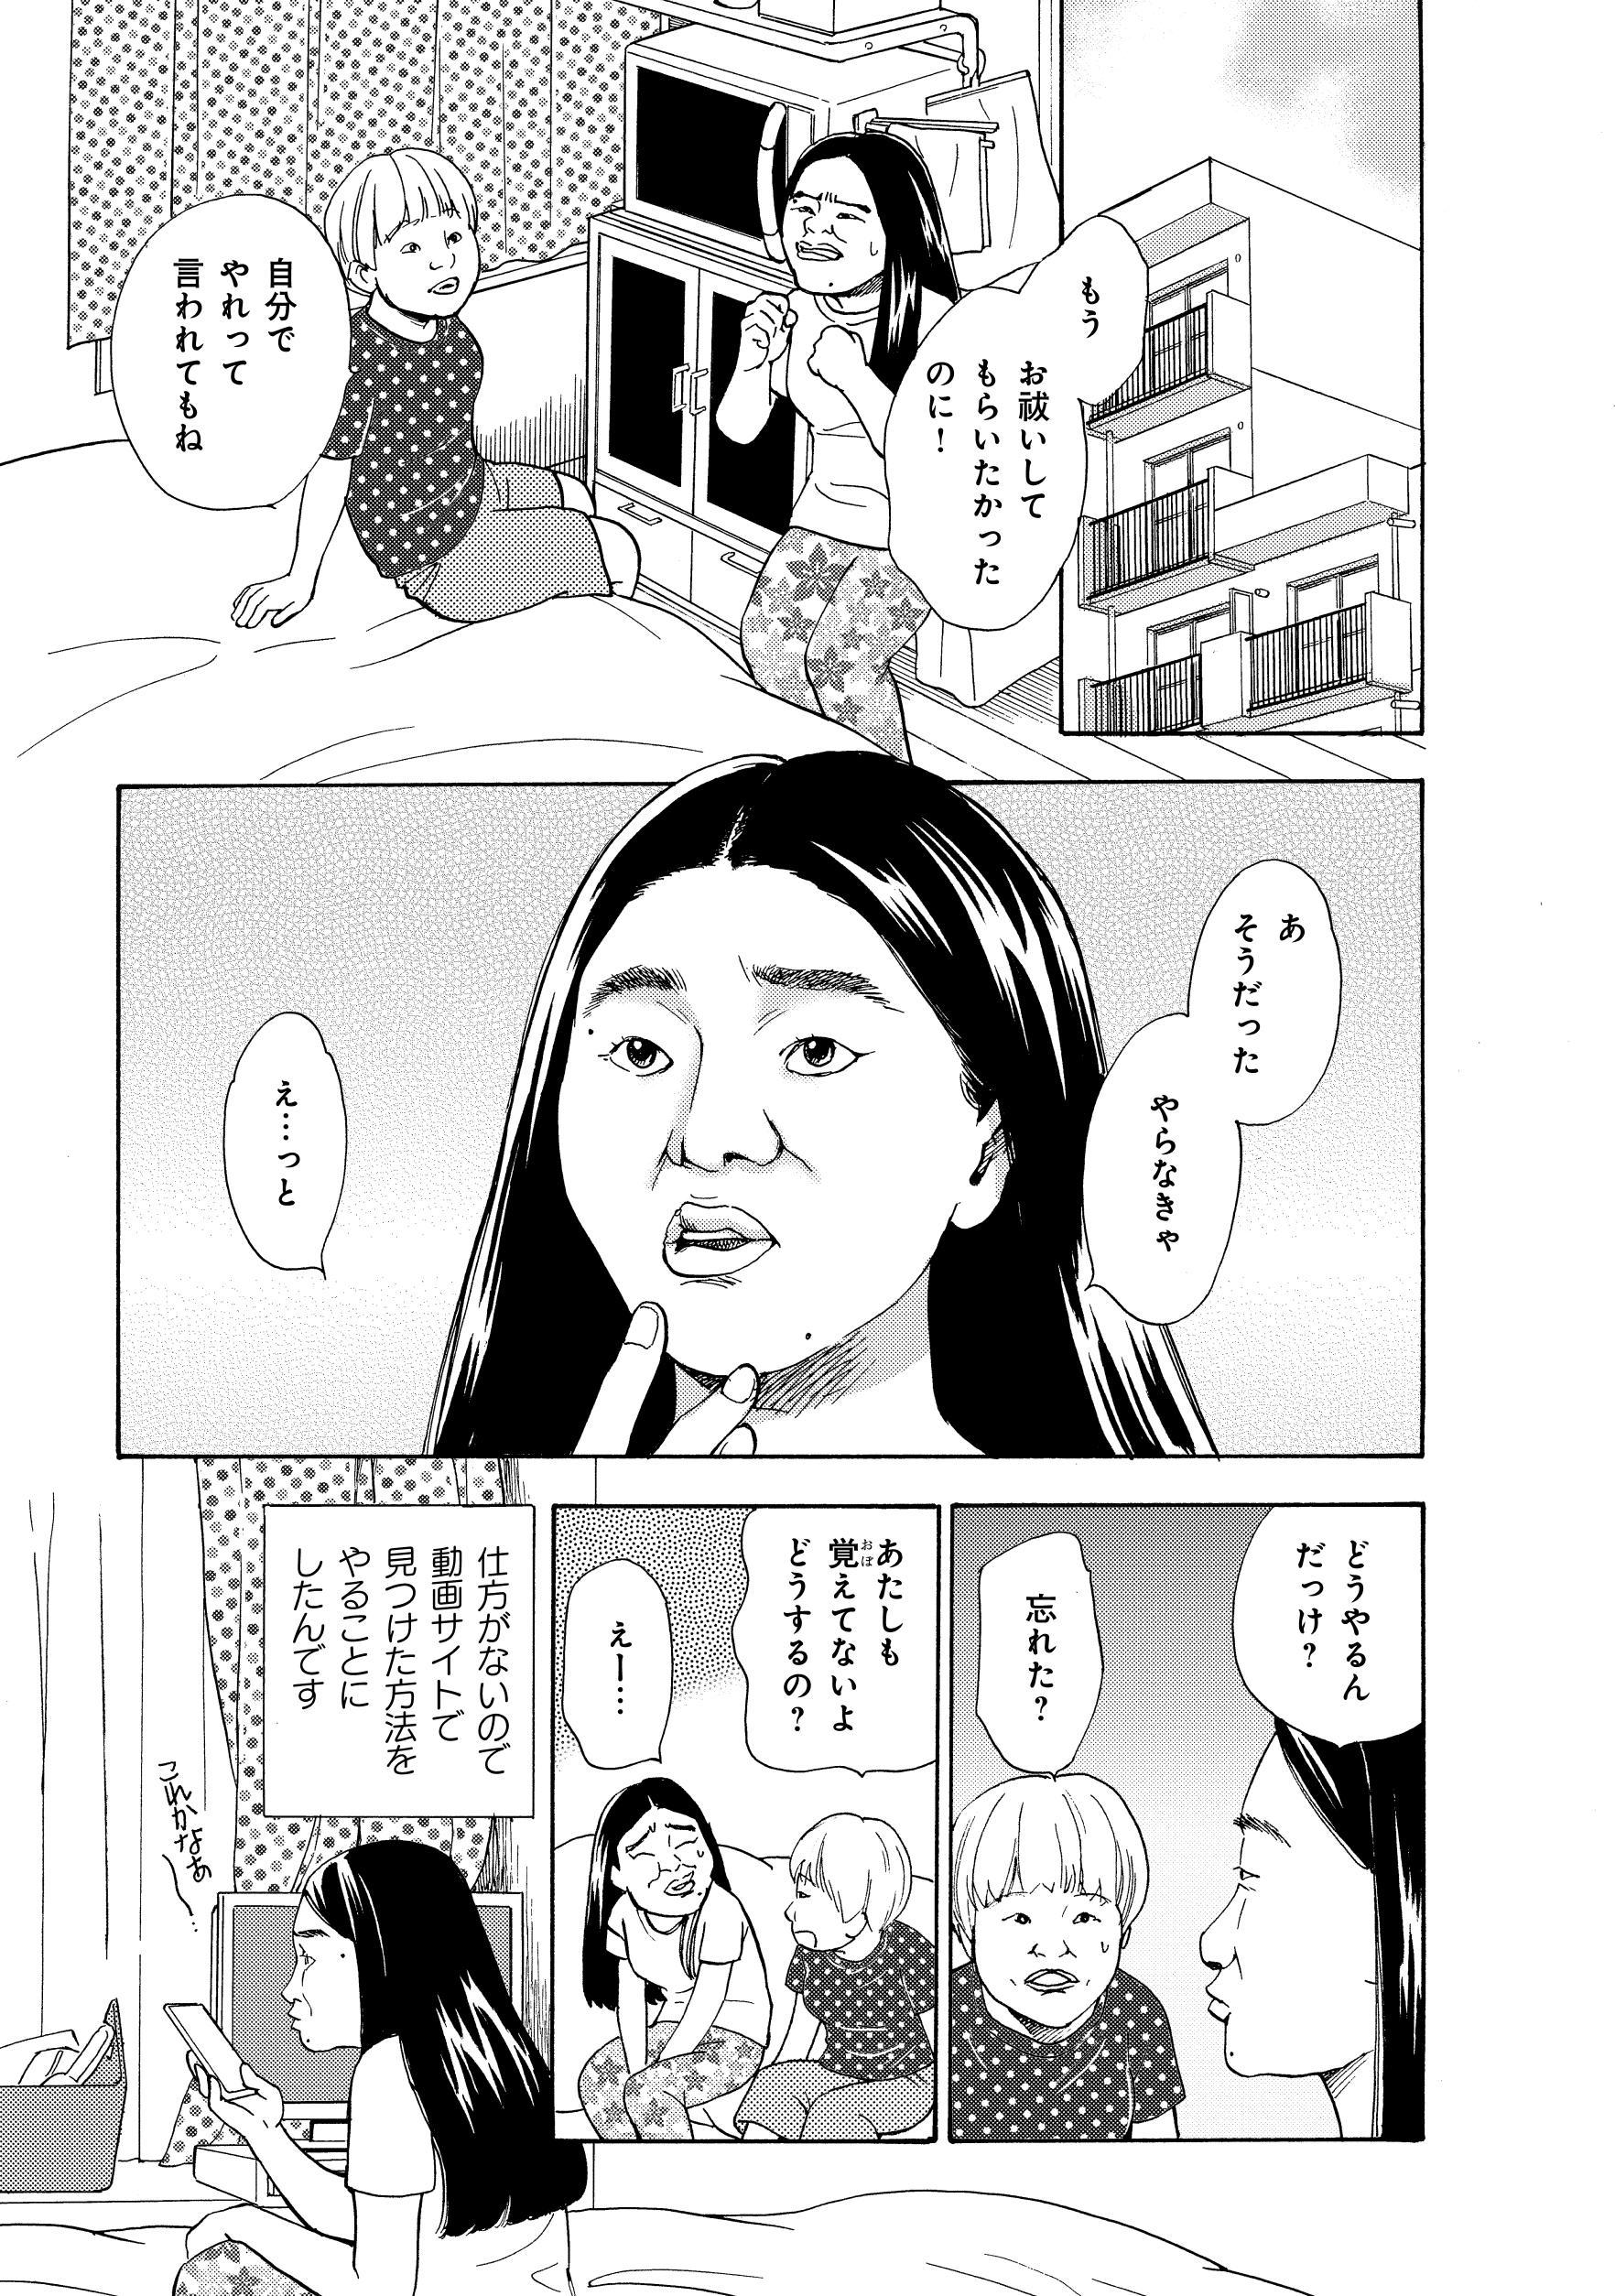 原作特集_177.jpg